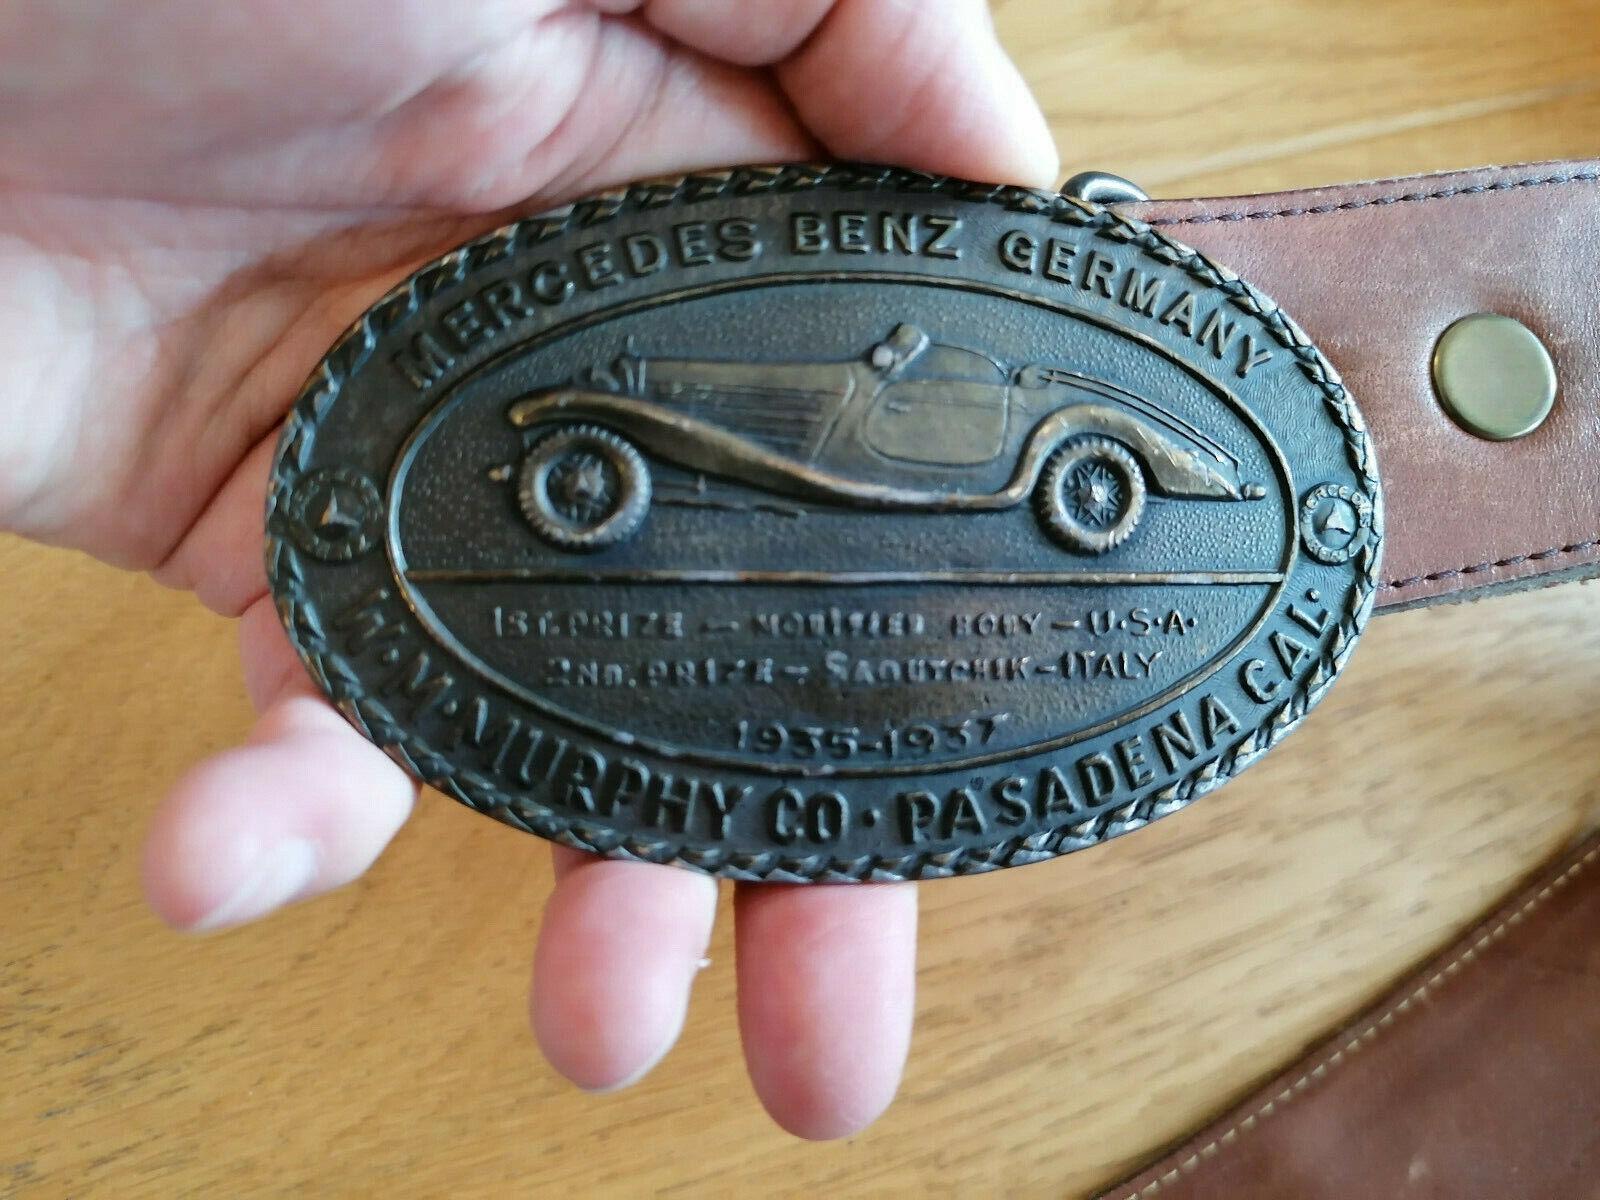 Alter Ledergürtel mit Mercedes Benz Germany Gürtelschnalle